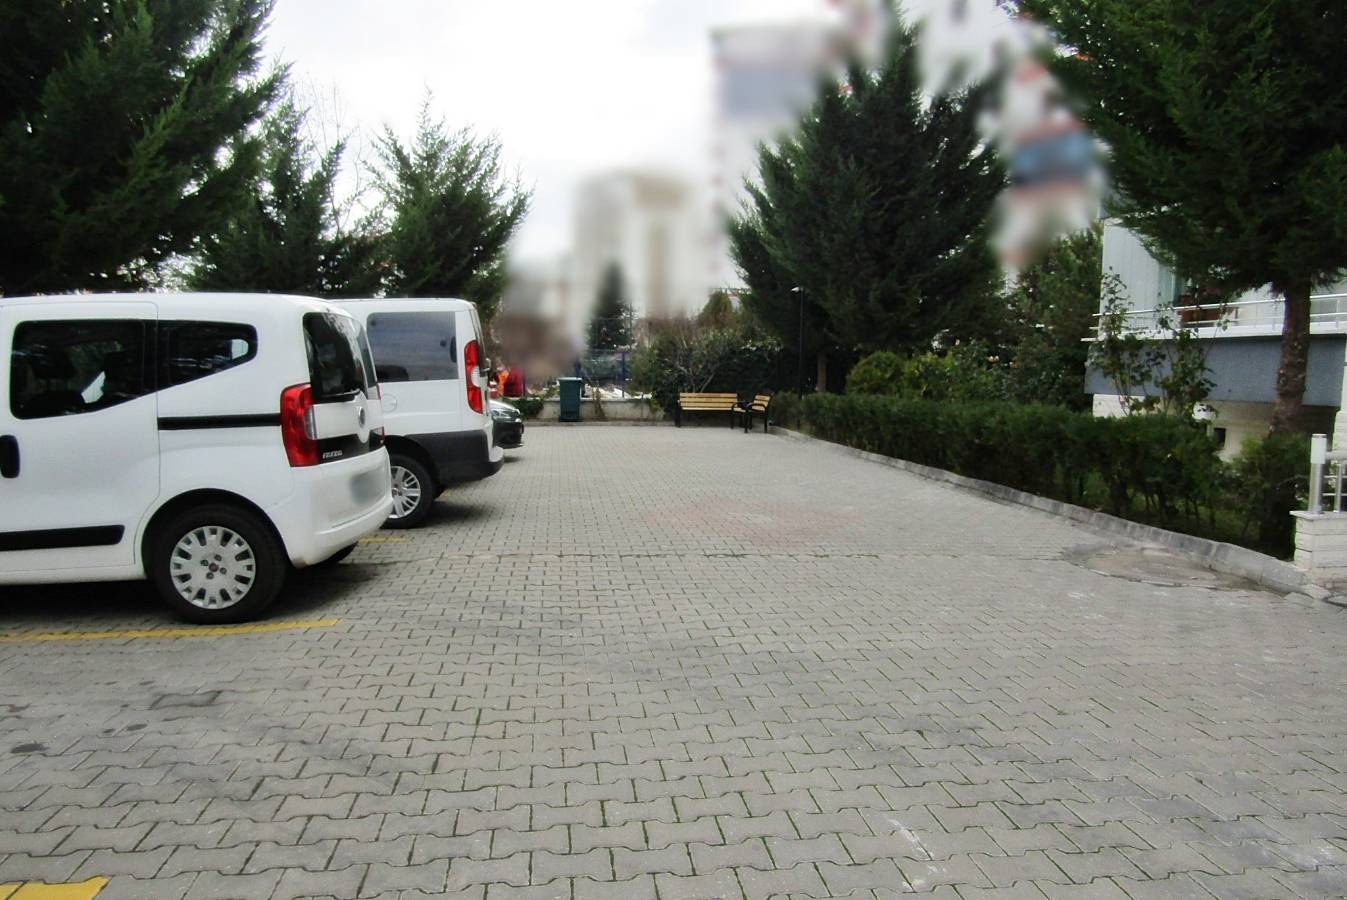 SR EMLAK'TAN AHİMESUT MAH'DE 3+1 130 m² ARA KATTA BAĞIMSIZ ASANSÖRLÜ DAİRE